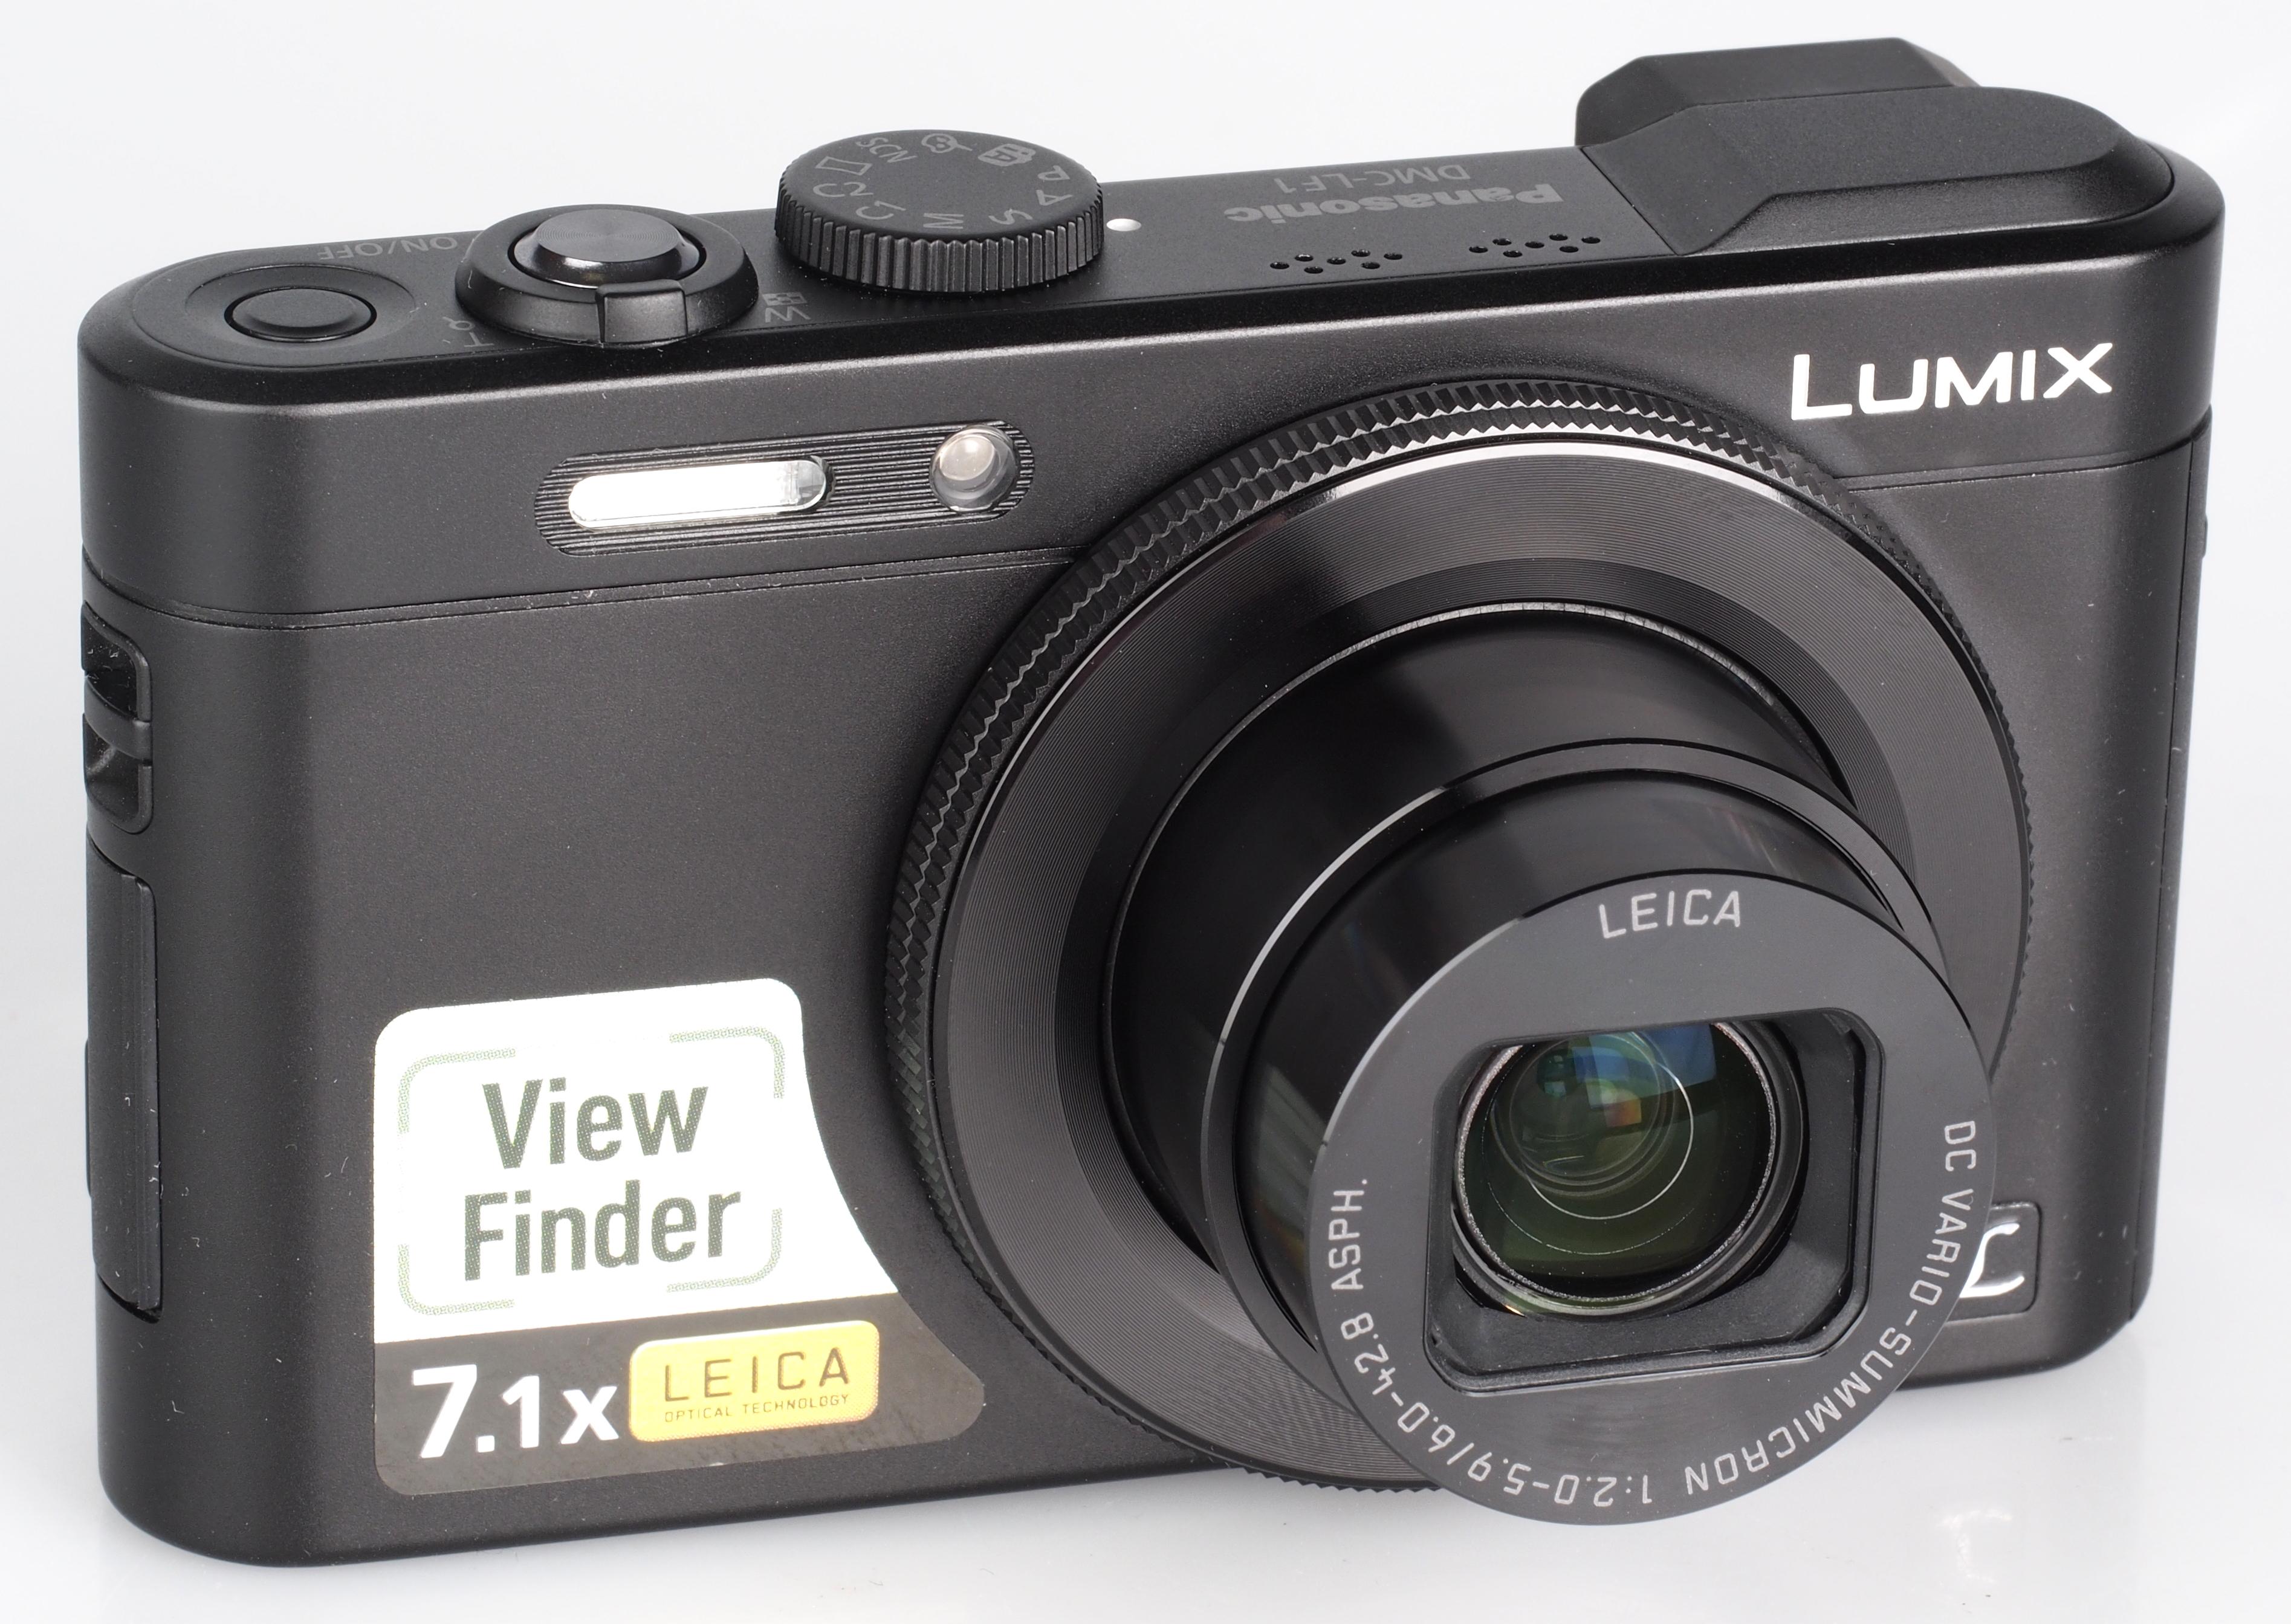 PANASONIC Digital Camera ความละเอียด 12 ล้าน รุ่น Lumix DMC LF1 สีดำ